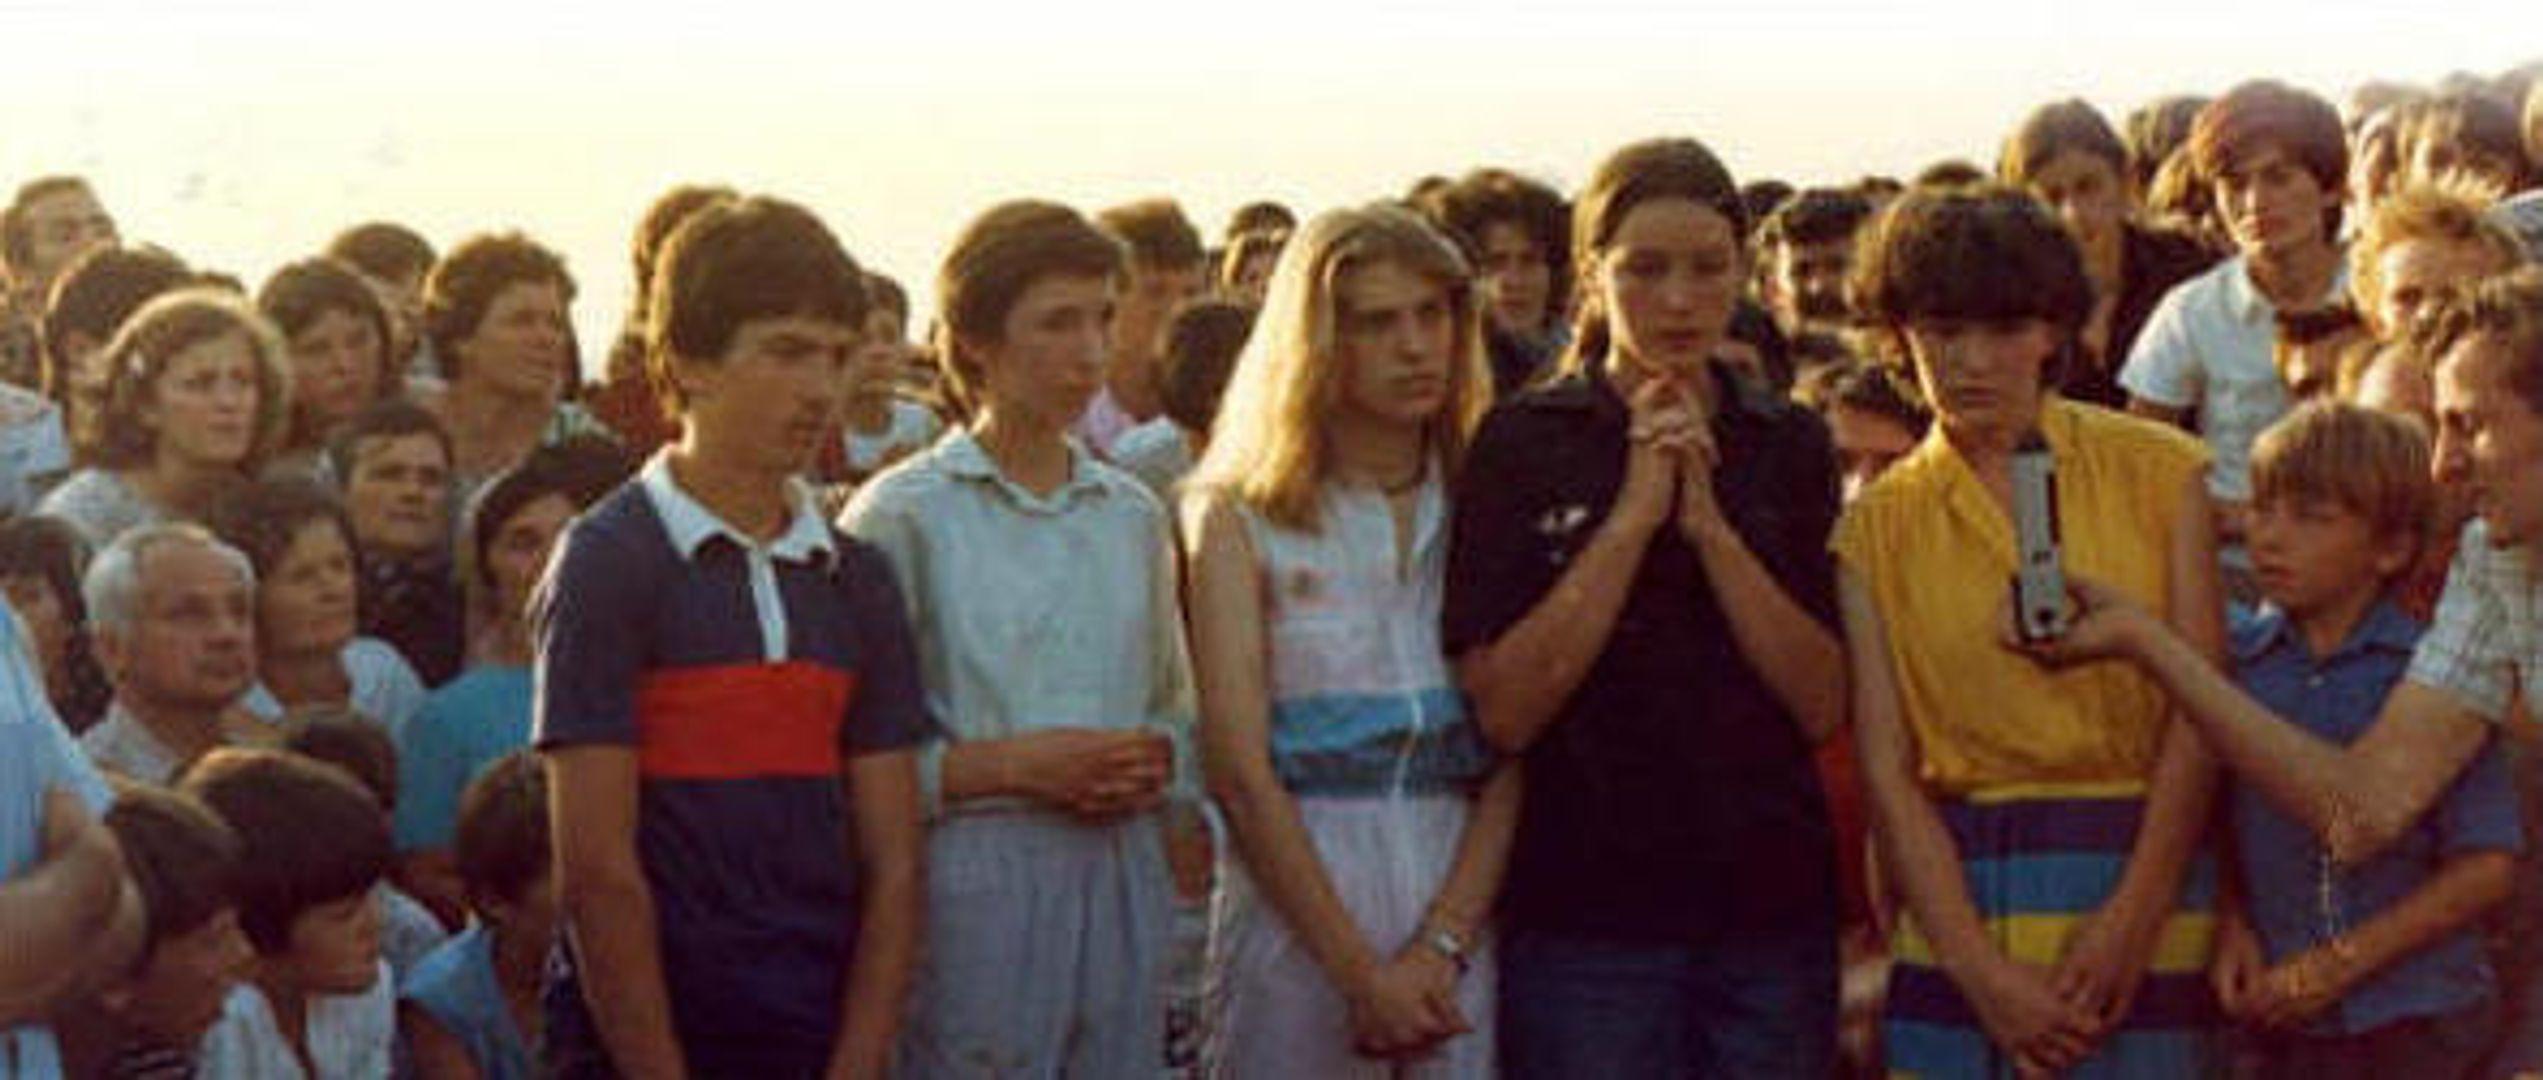 De zieners op de verschijningsberg